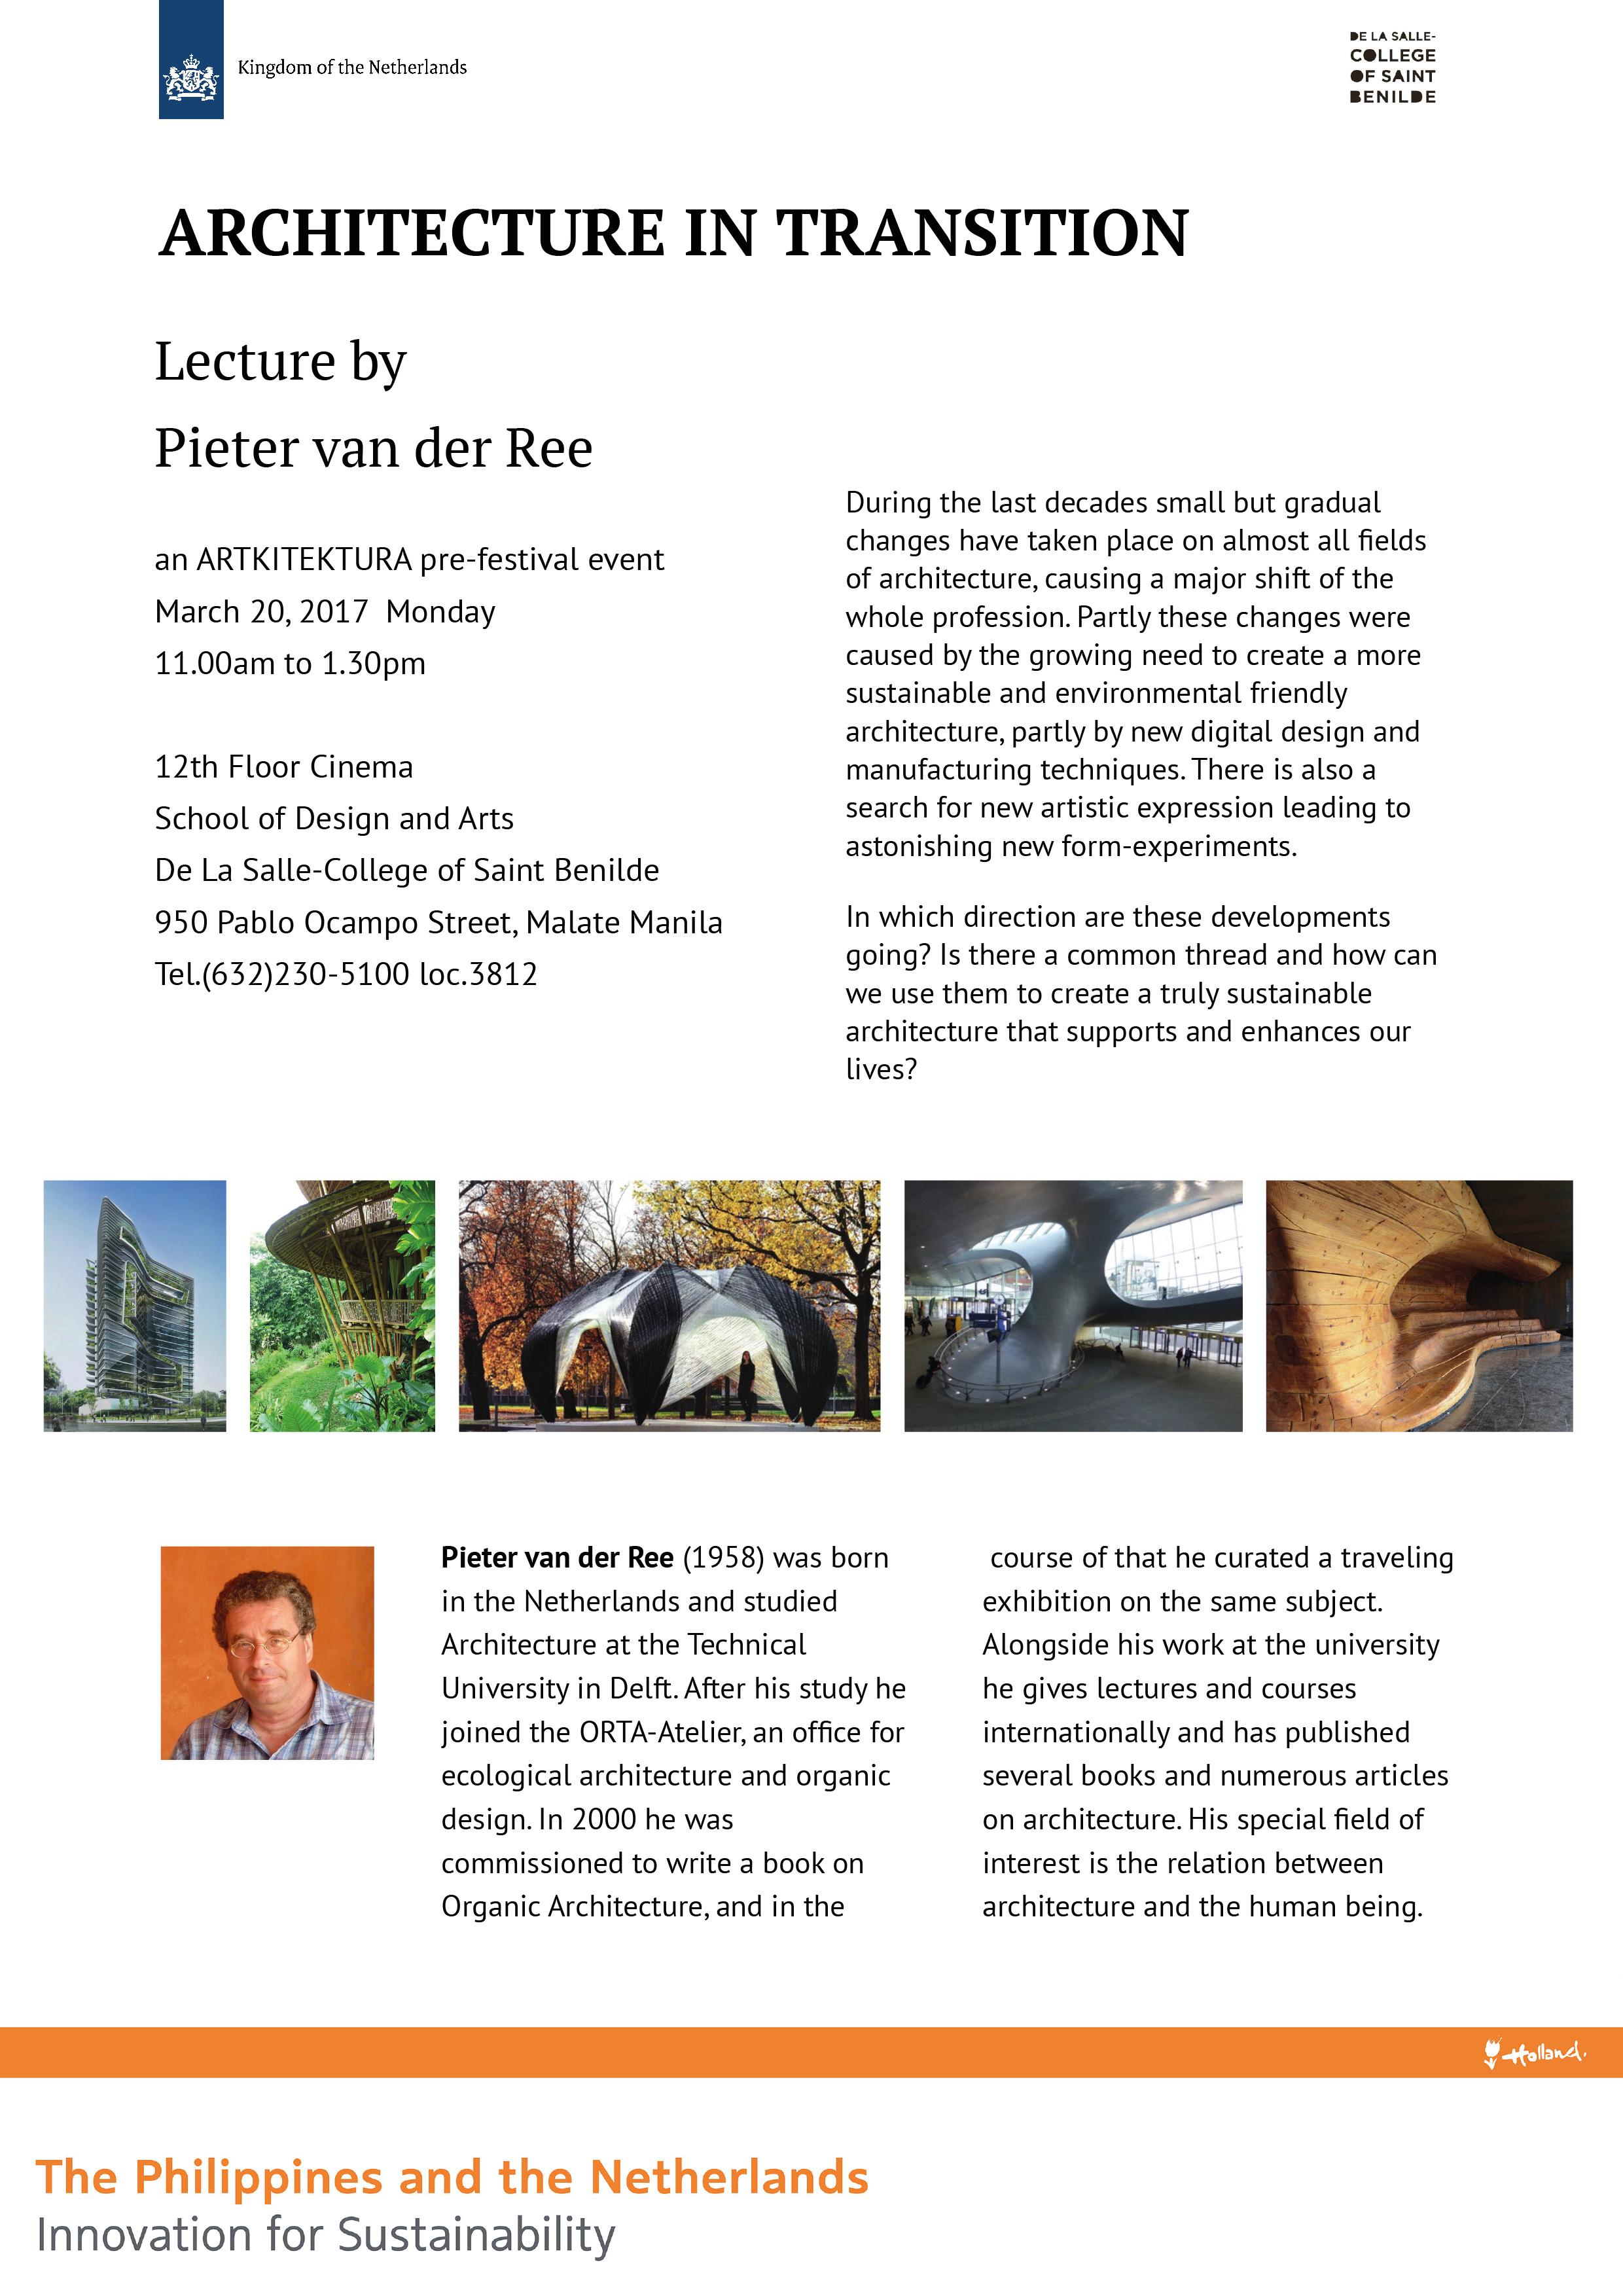 Architecture in Transition flyer (Benilde).jpg